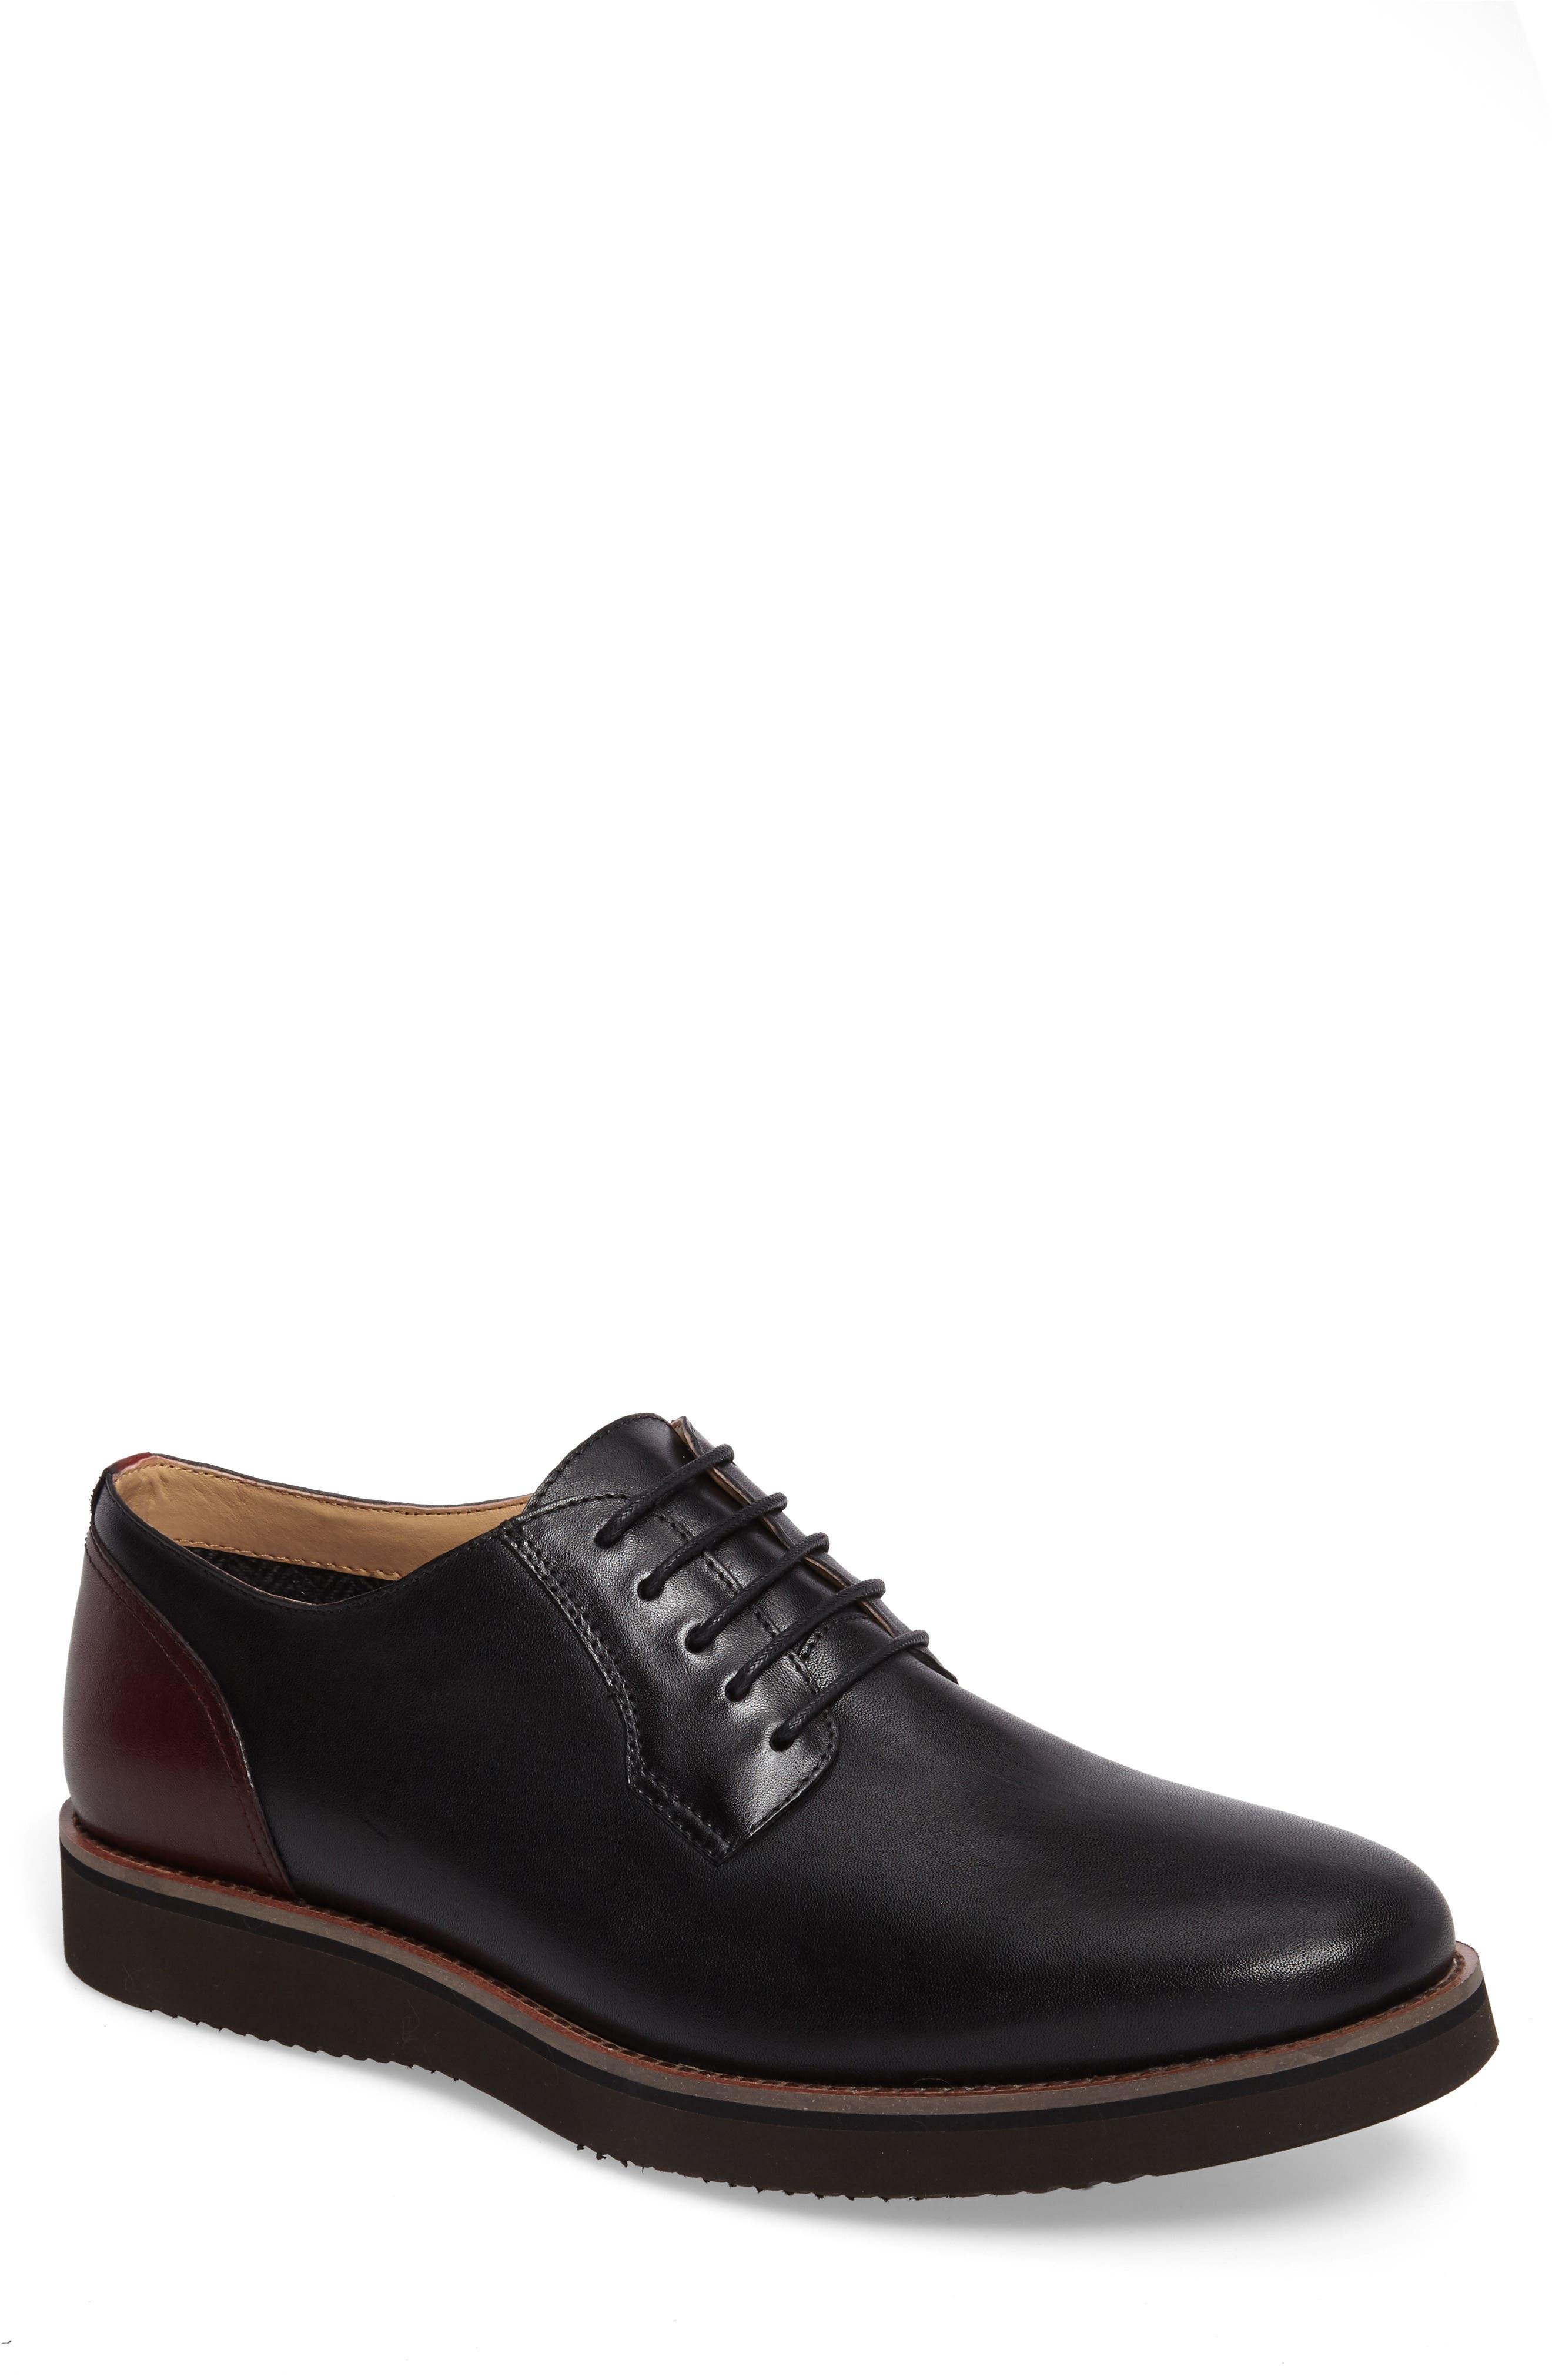 Saxon Plain Toe Derby,                             Main thumbnail 1, color,                             Black Leather